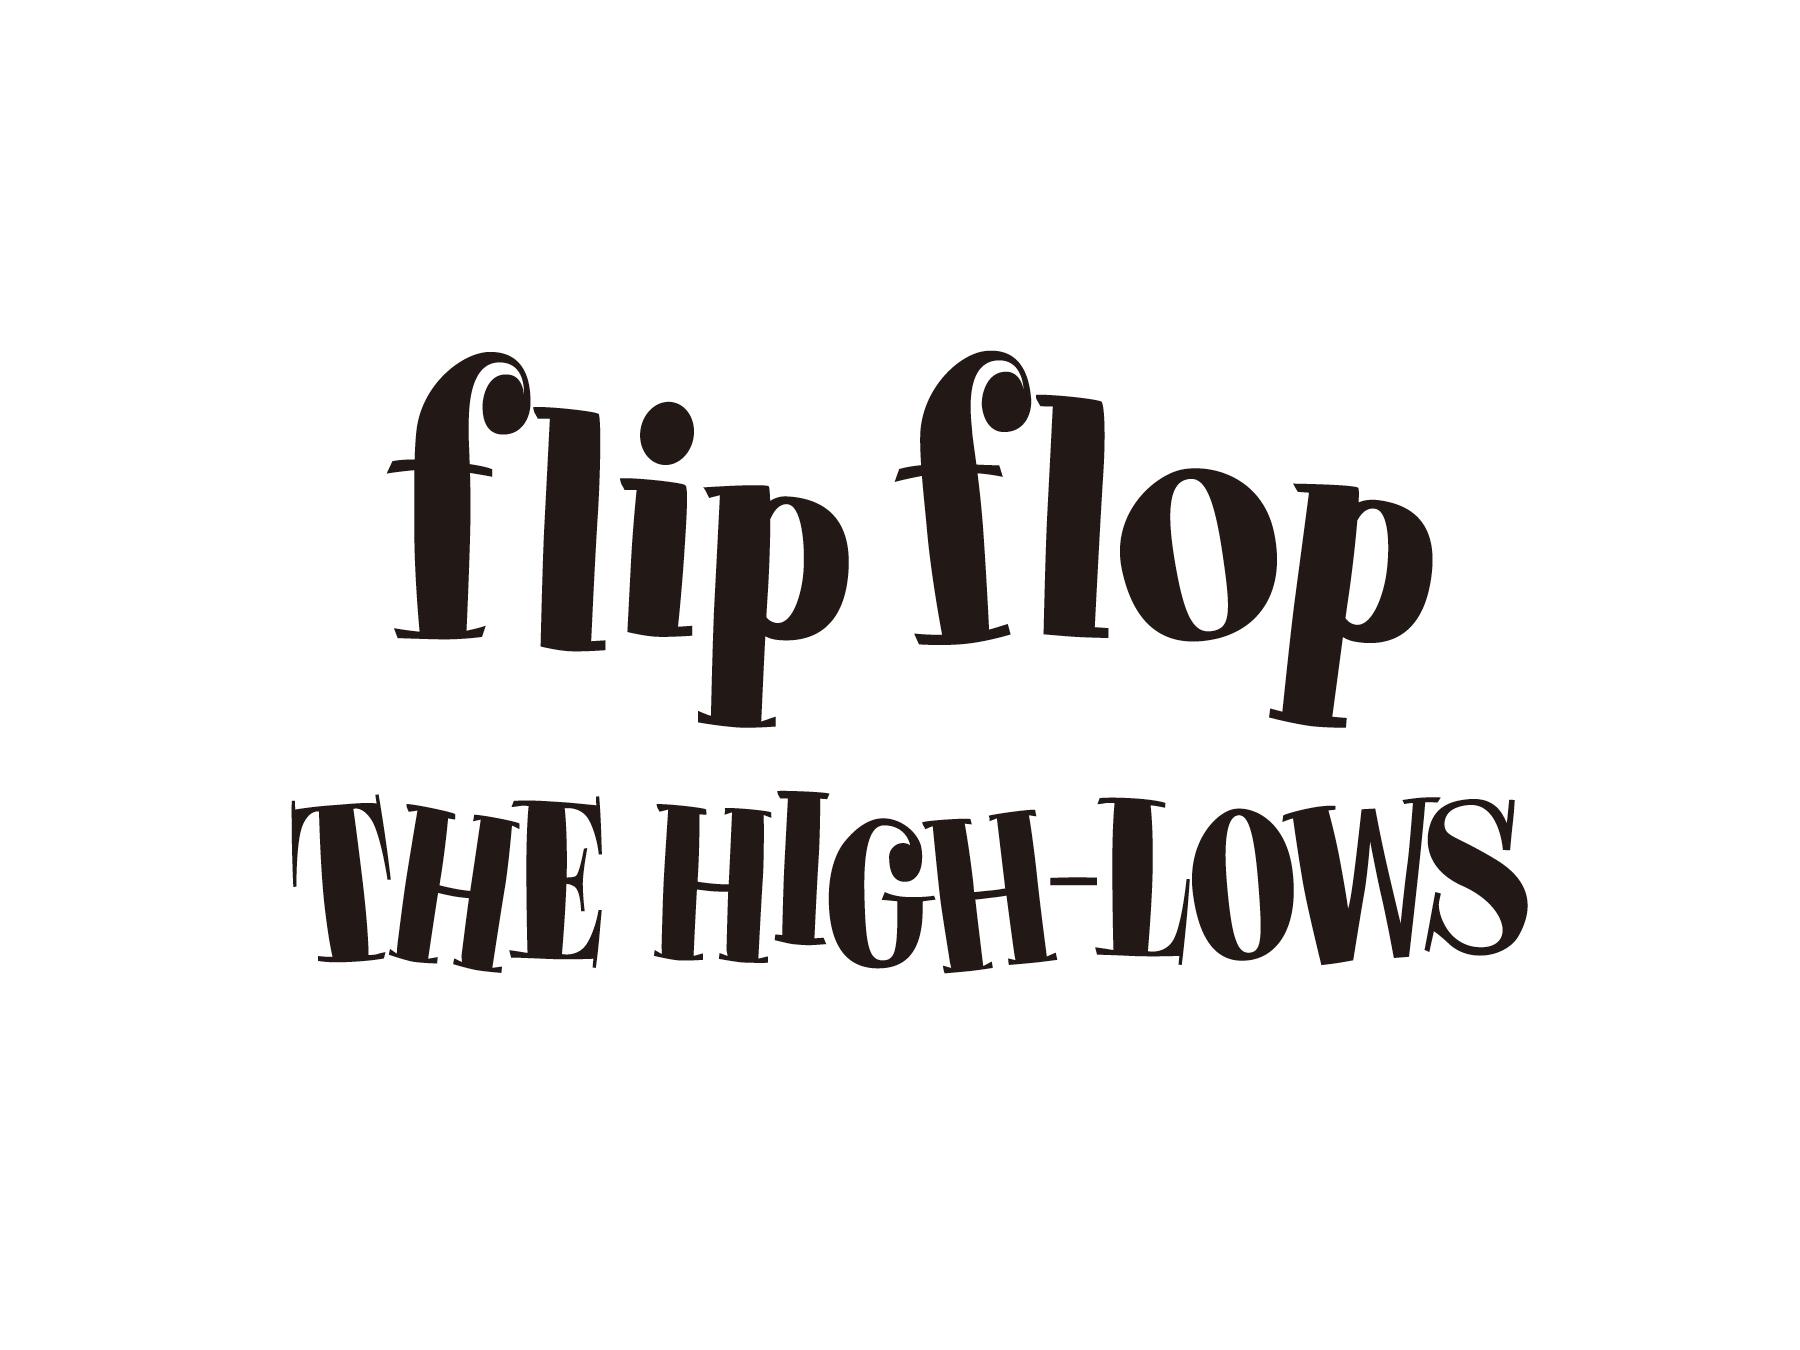 ザ・ハイロウズ 「flip flop」 アルバムコンセプトロゴタイプ